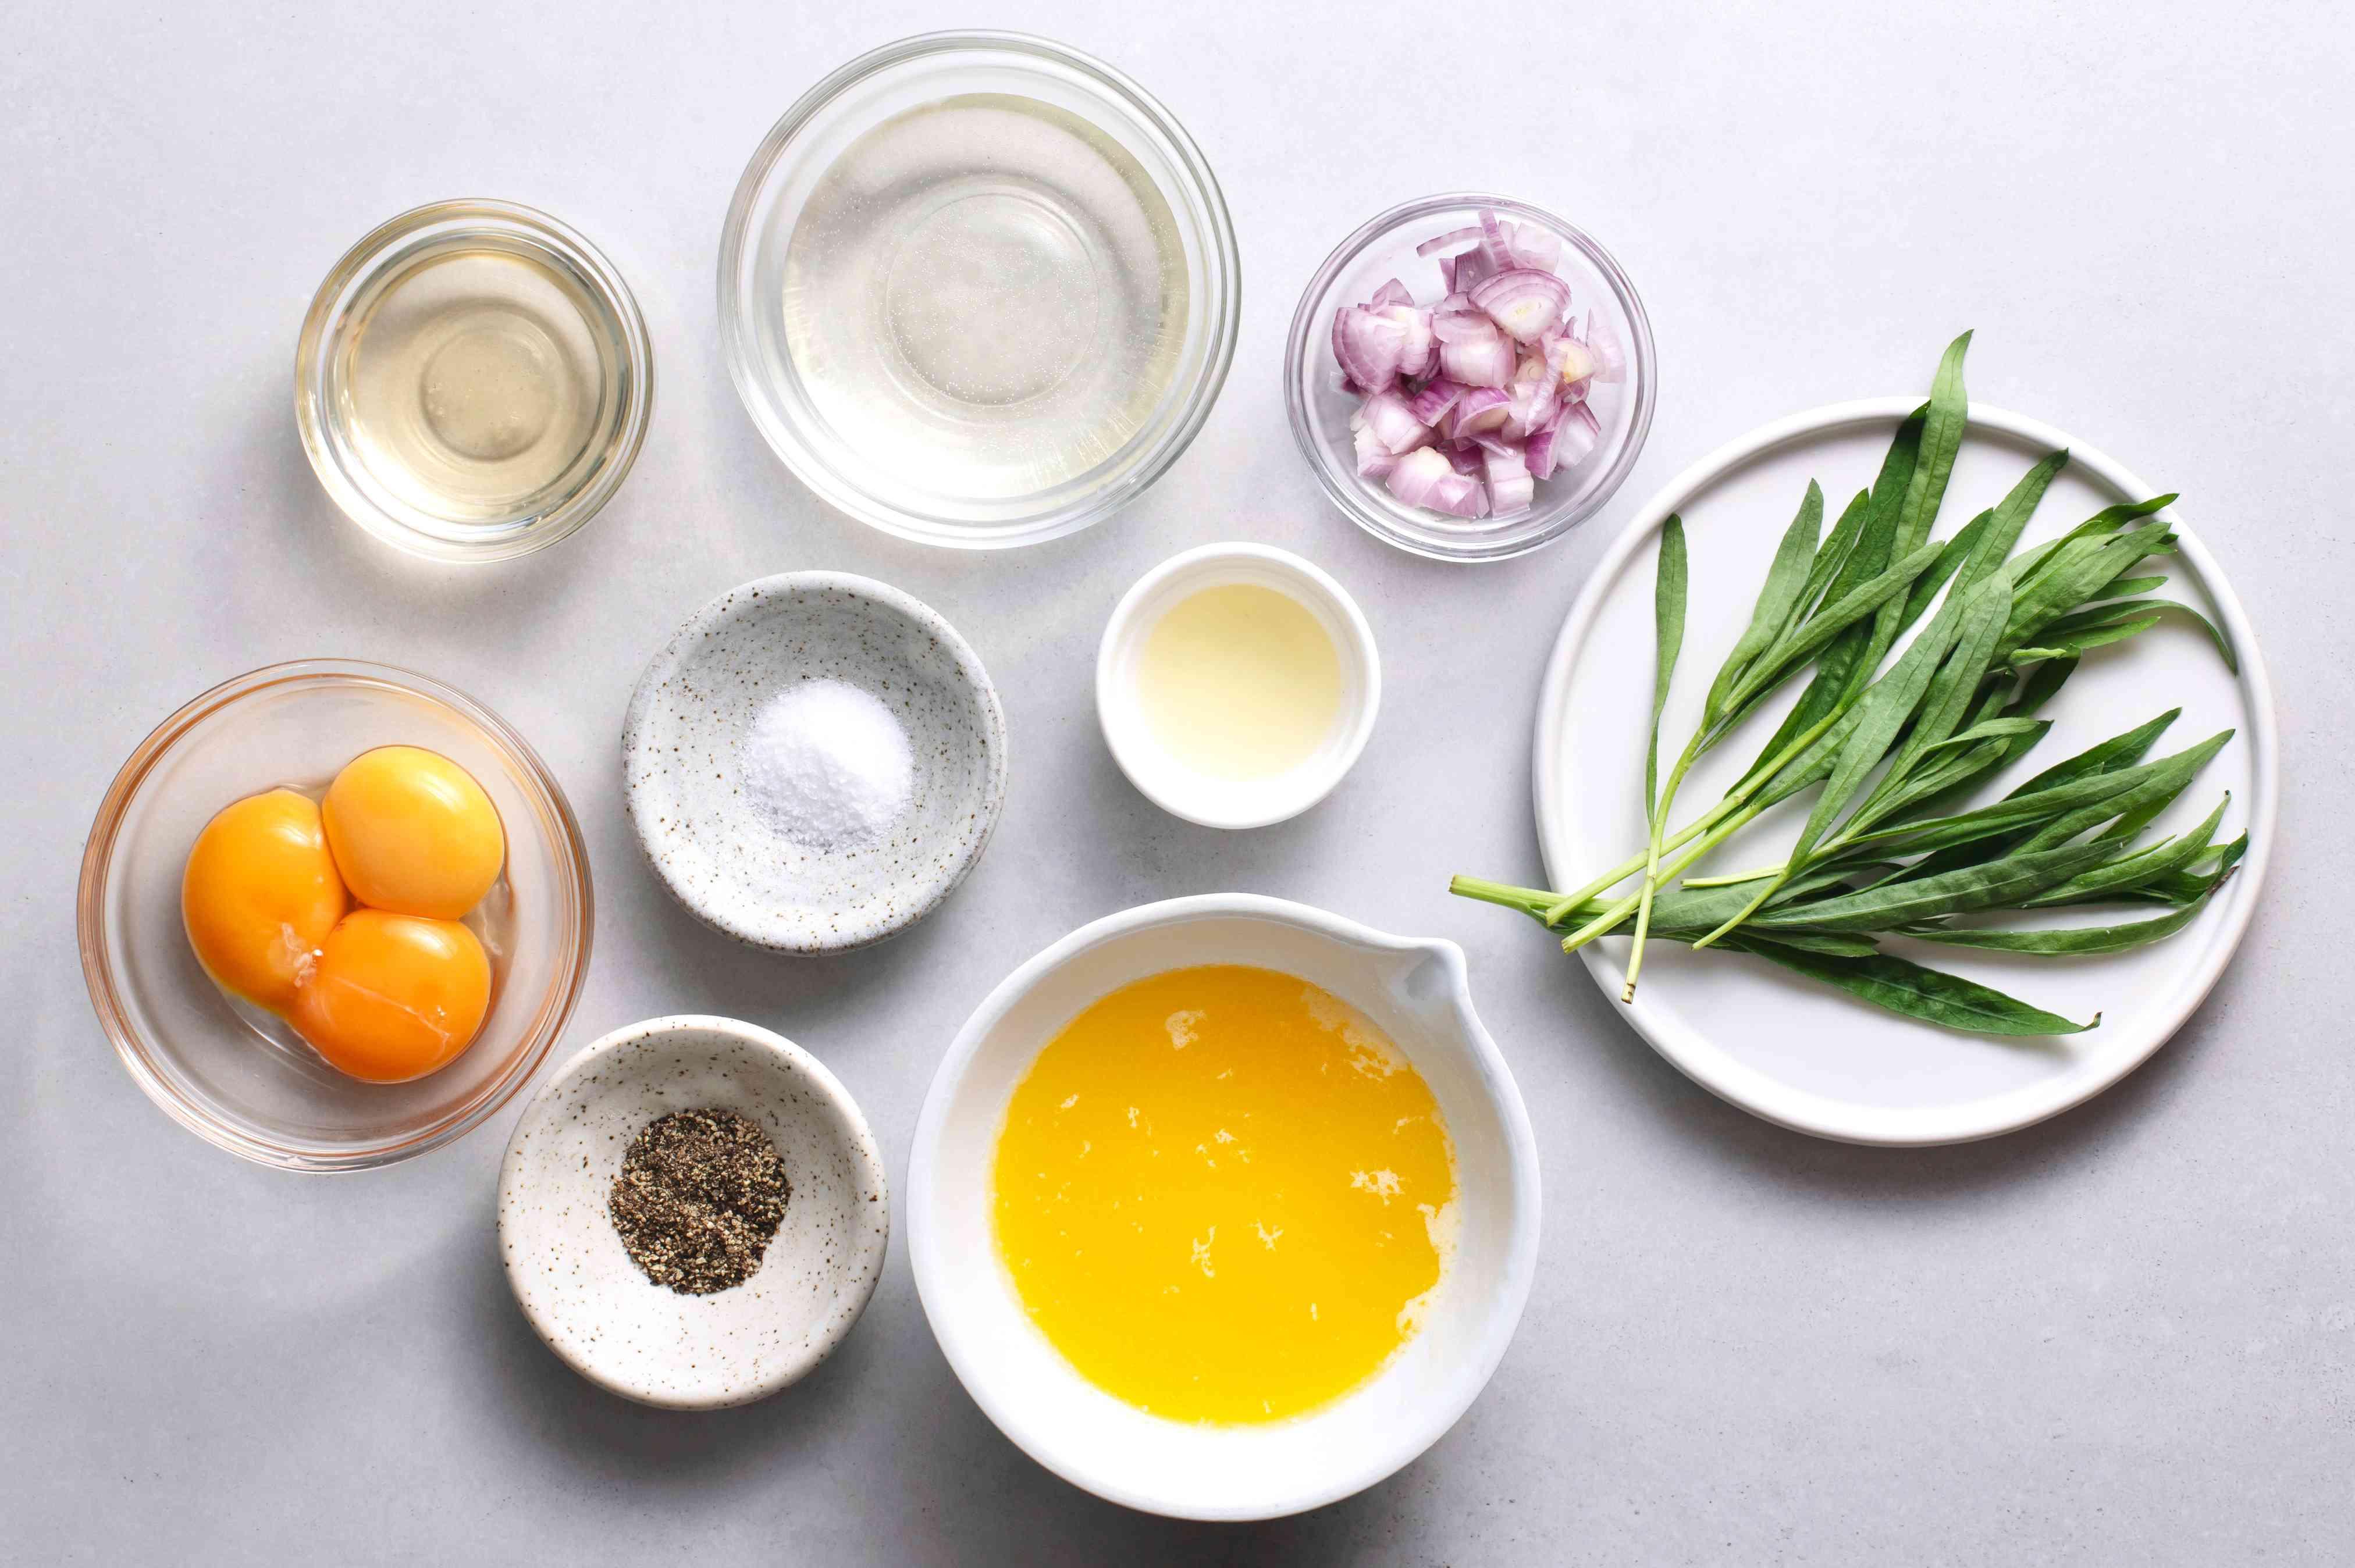 Bearnaise Sauce ingredients